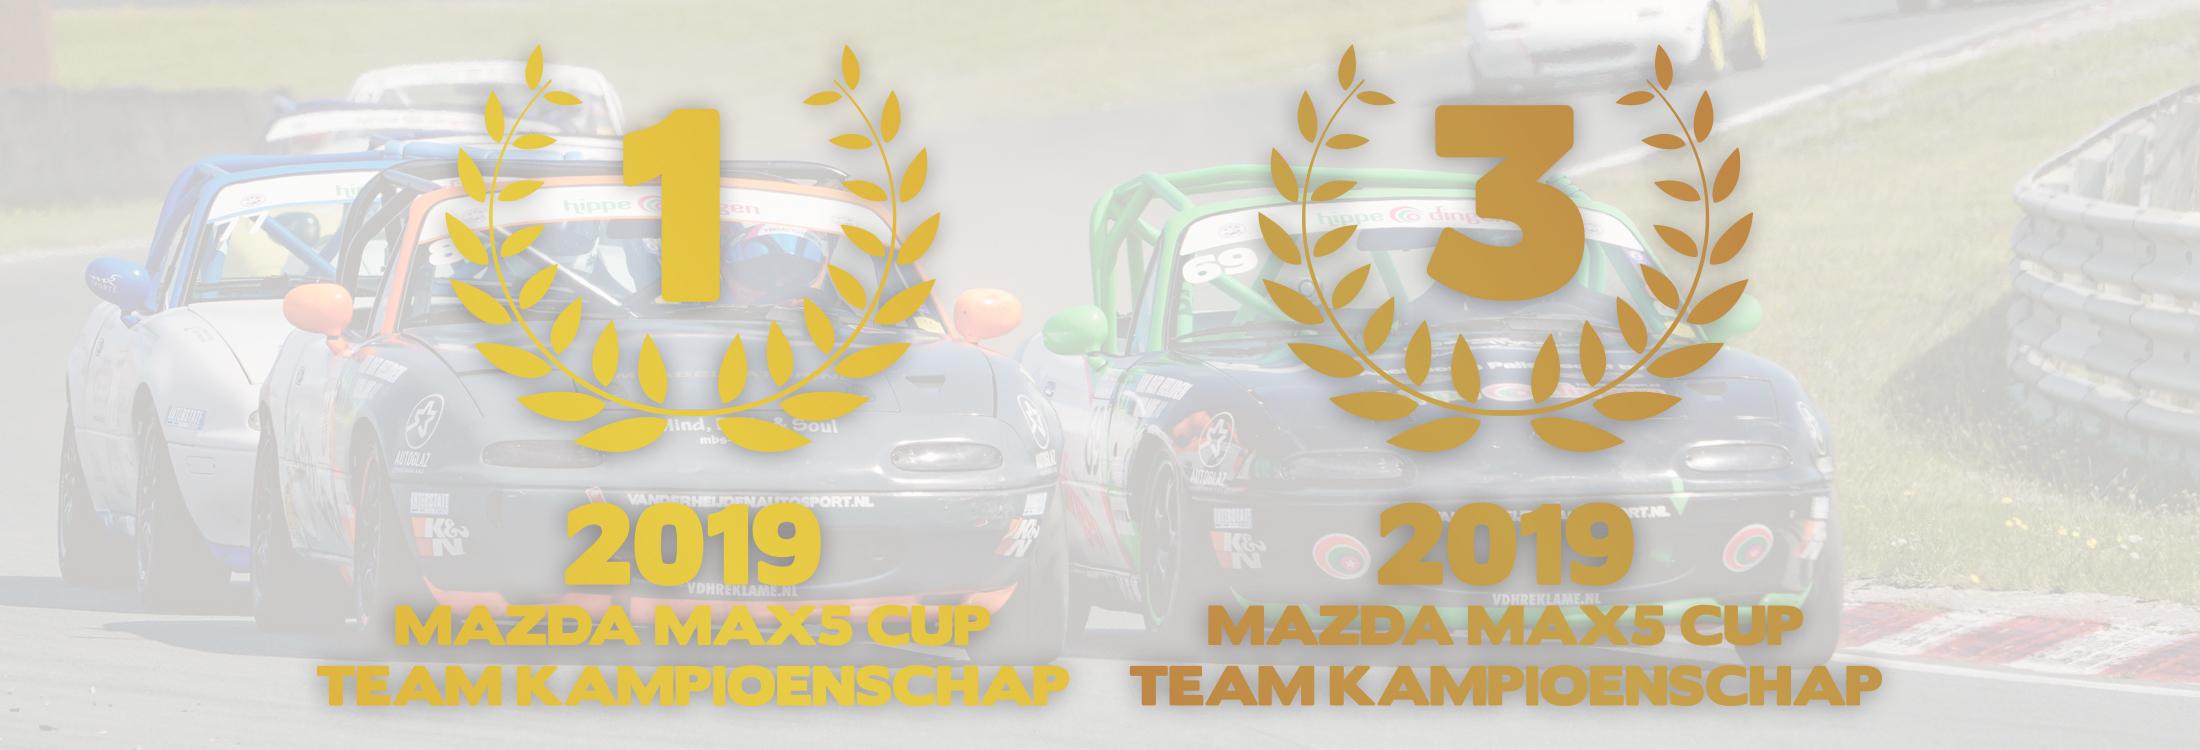 Teamkampioen_2019